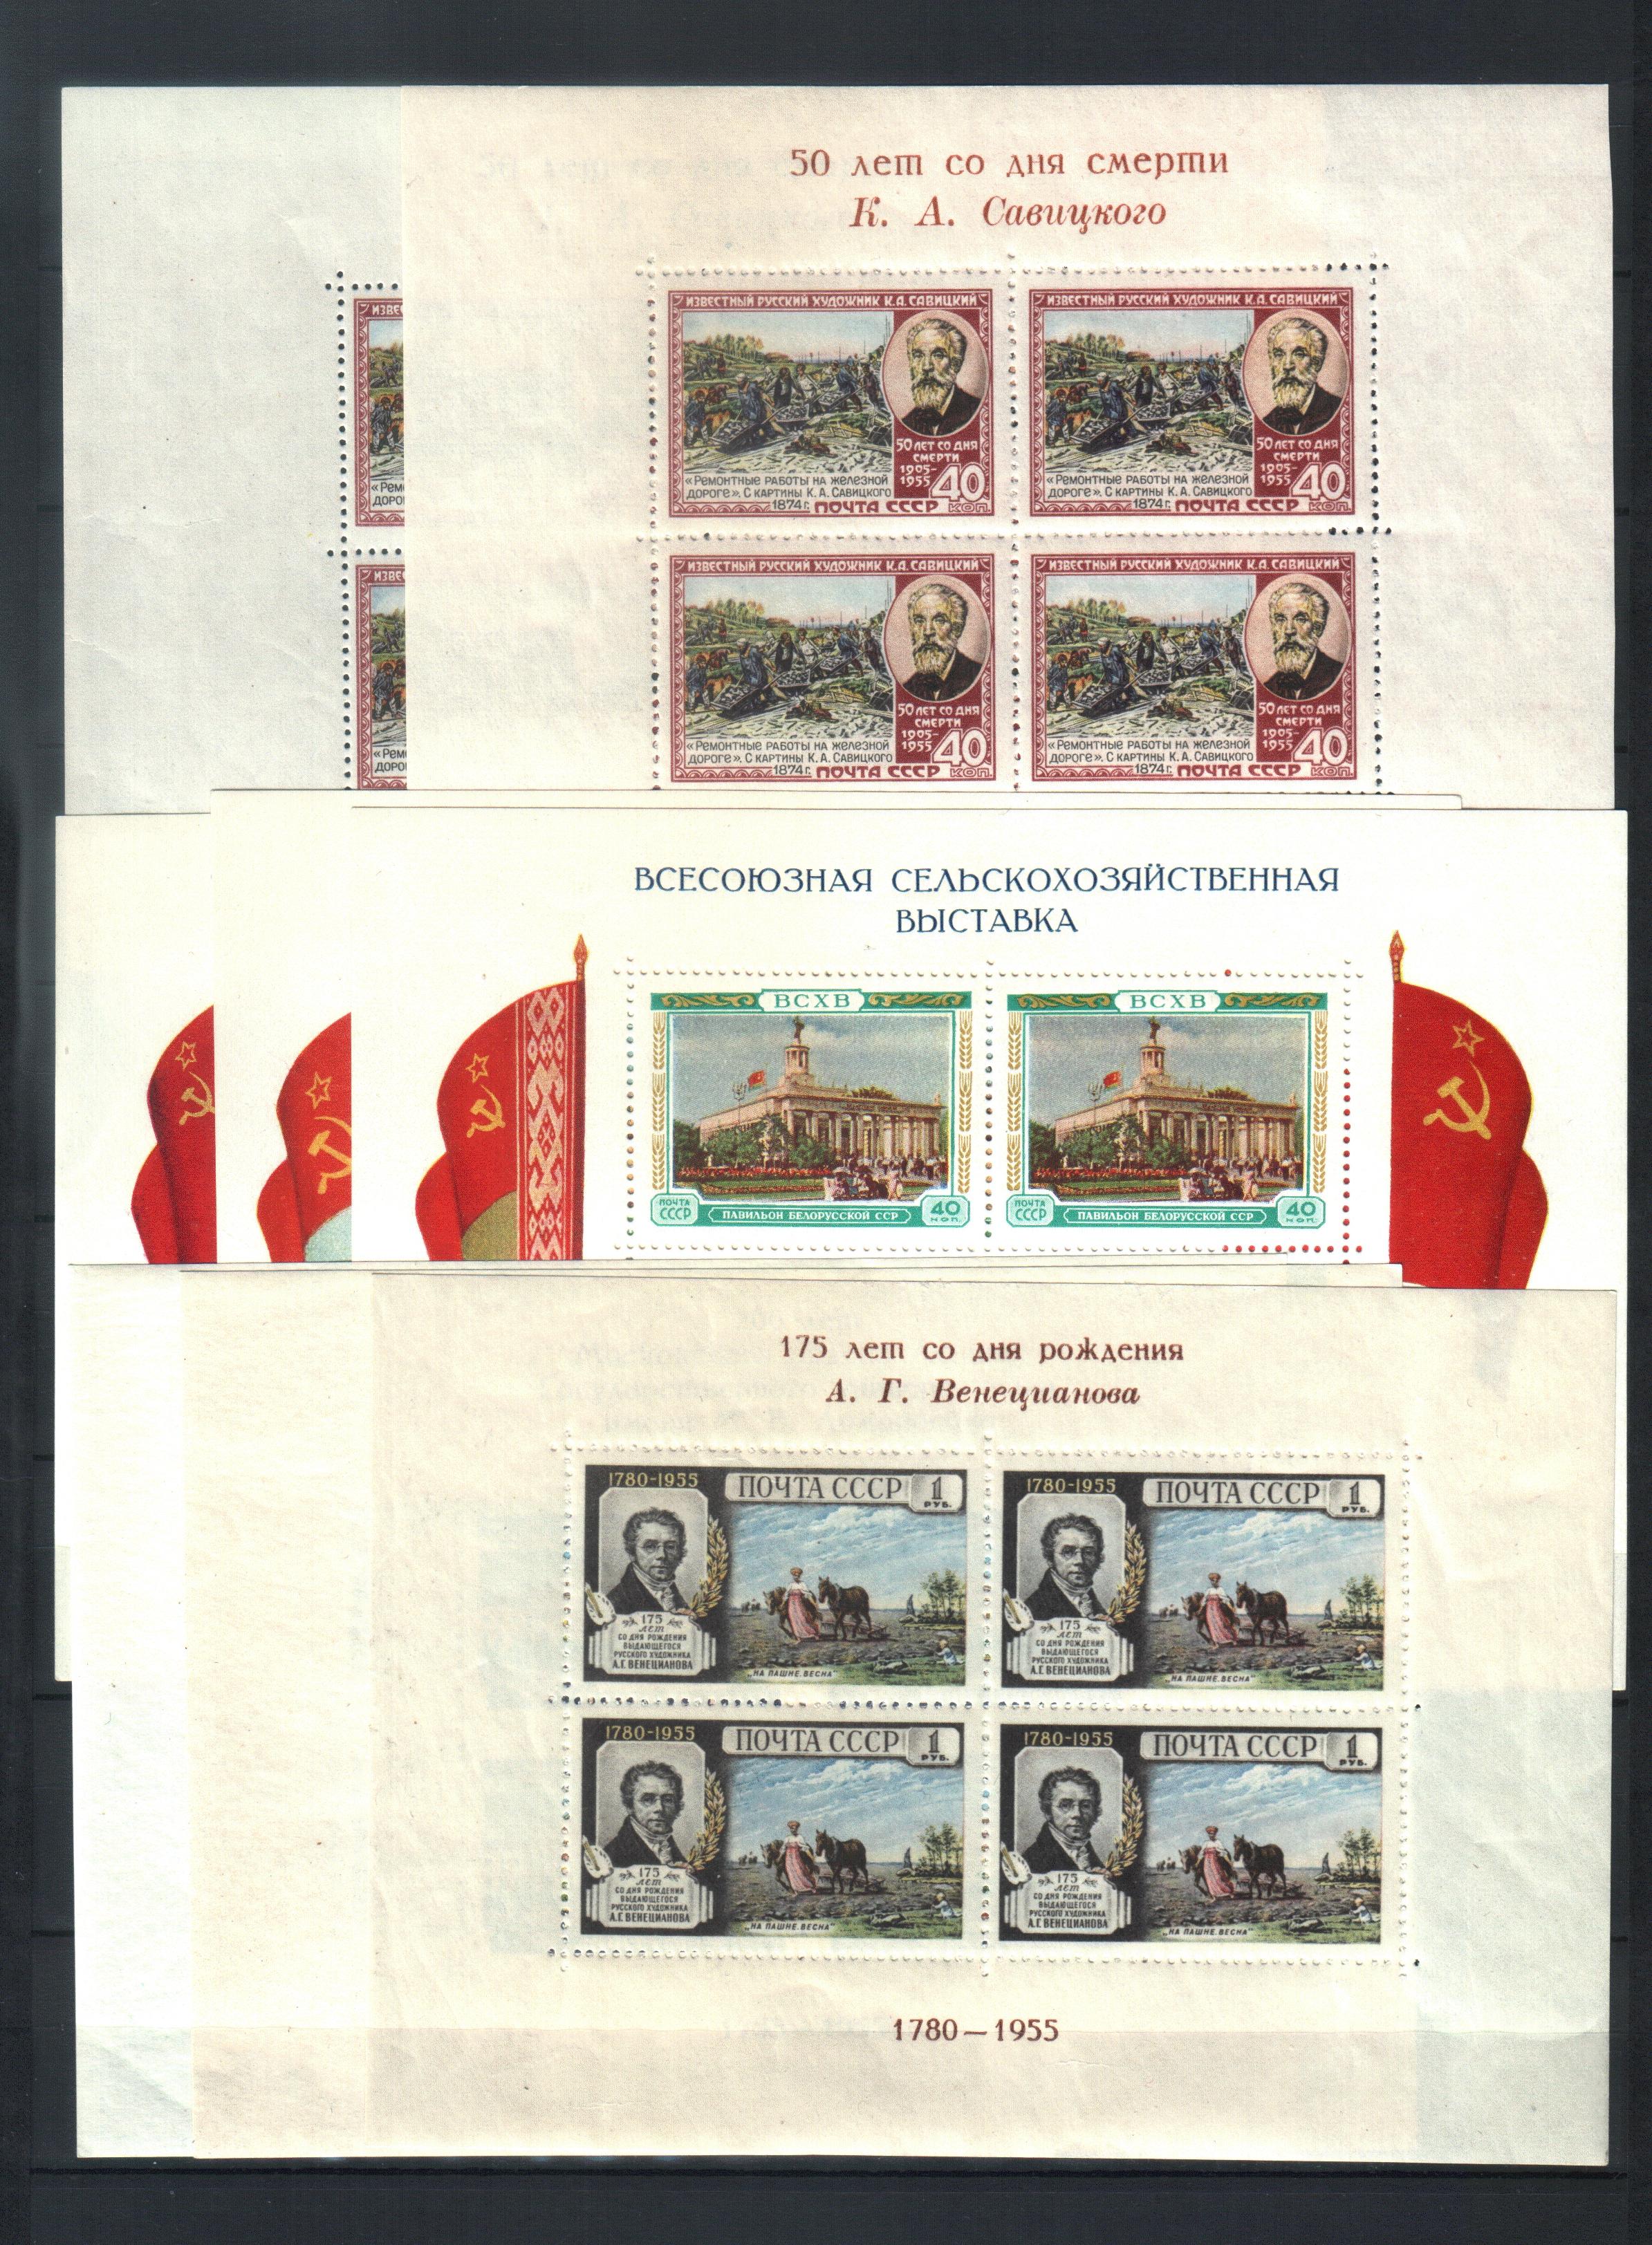 Годовой набор почтовых марок СССР 1955 год, 49 марок, 8 почтовых блоков